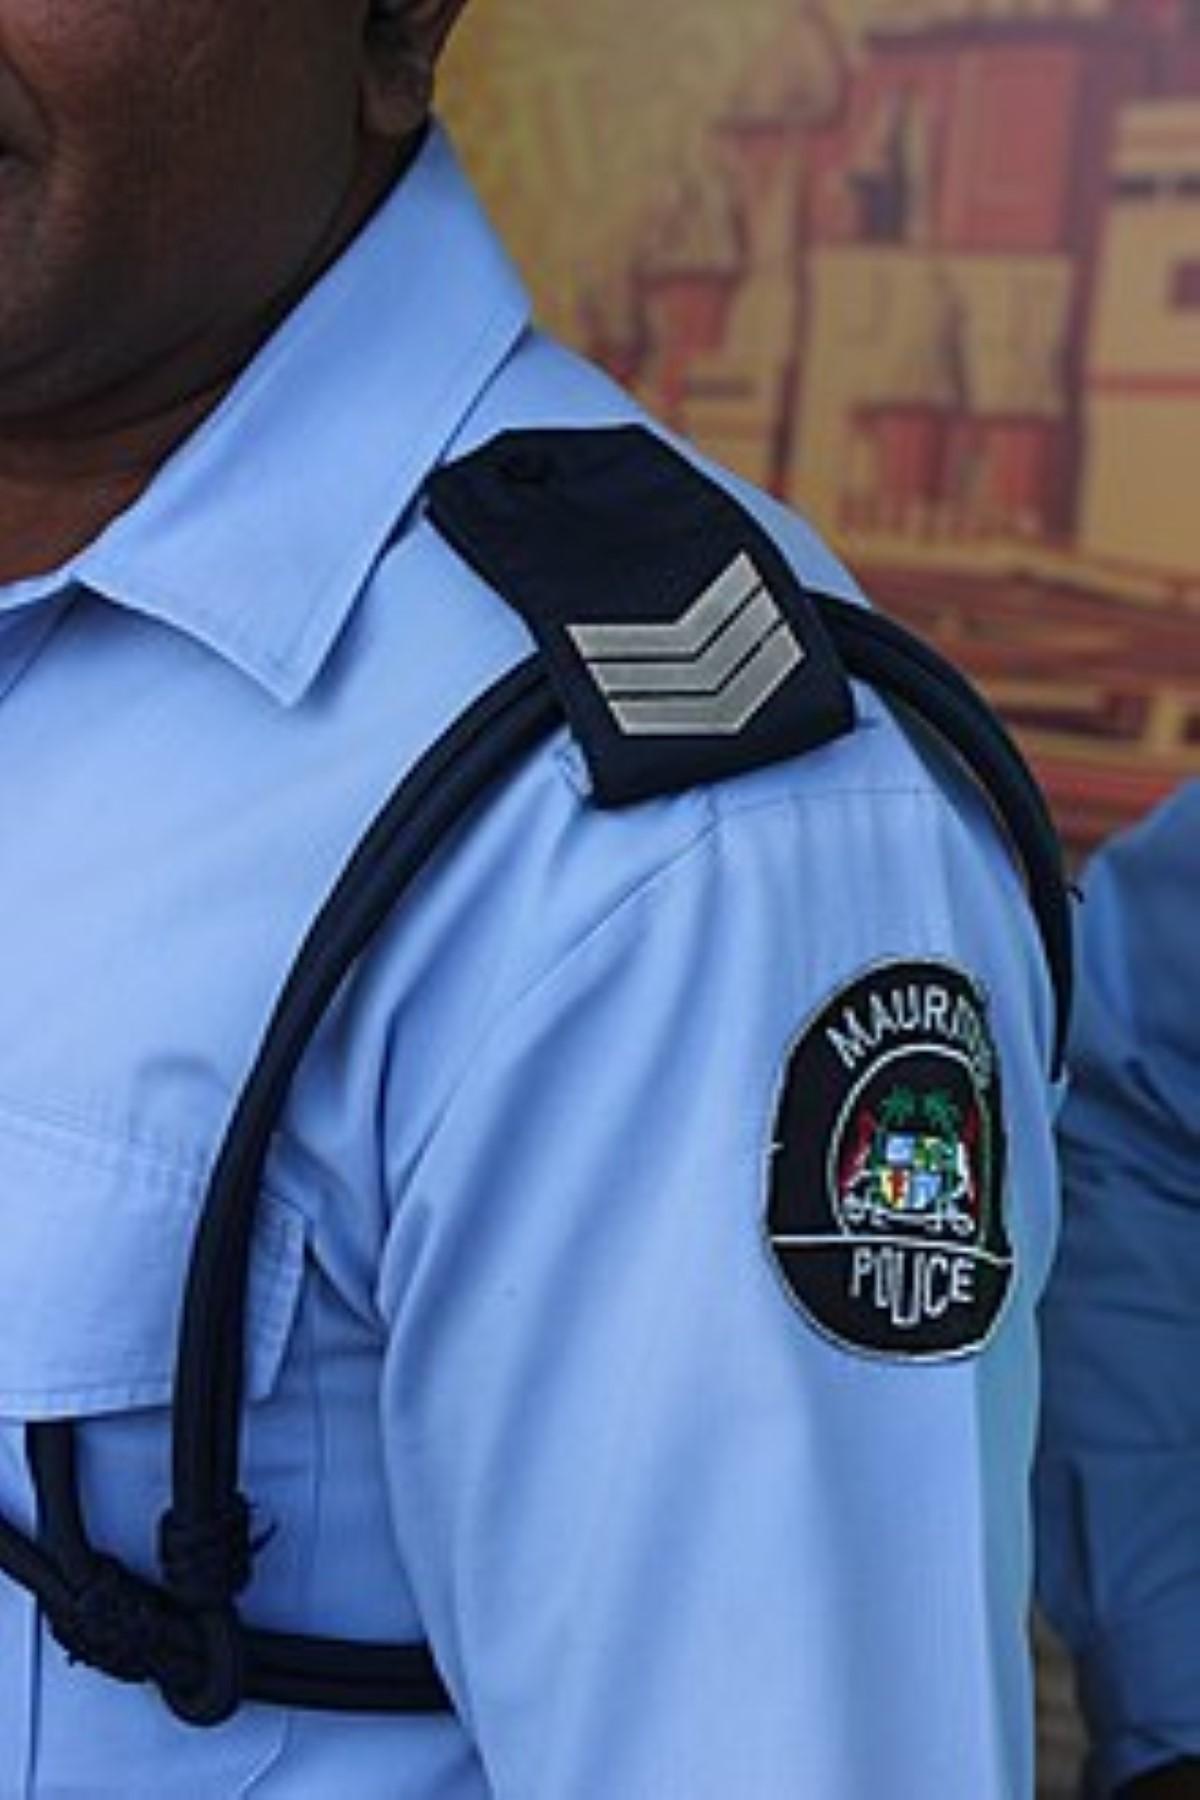 Un mineur porte plainte et affirme qu'un policier l'aurait menacé avec son arme à feu